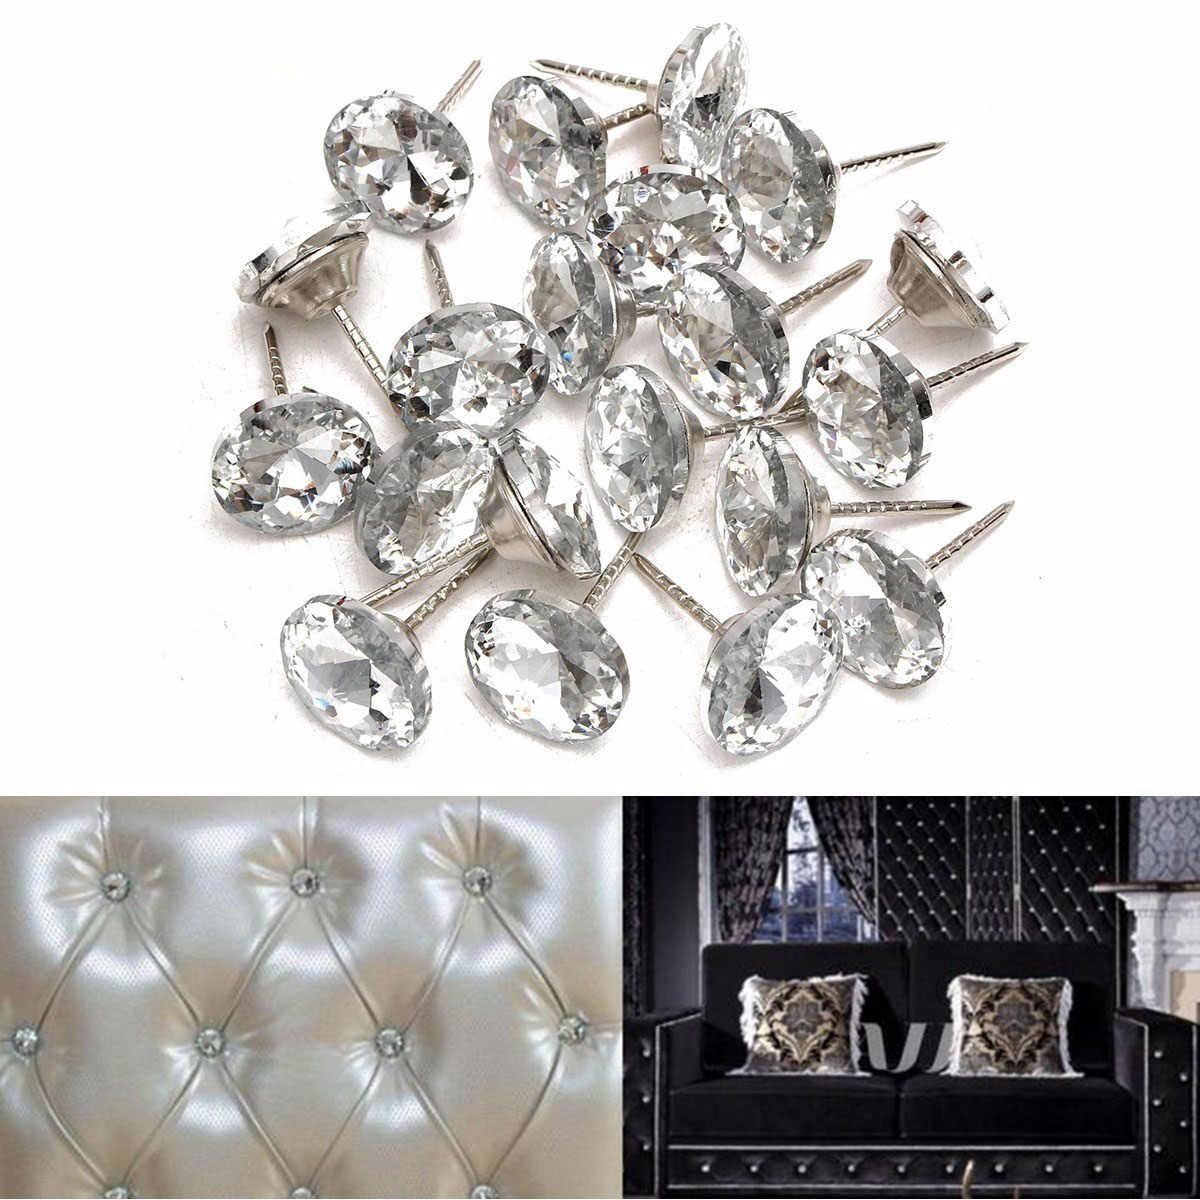 20 Pcs Per Pack Kristal Gesper Tas Lembut Sofa Kuku Berlian Buckle Berlian Tombol Latar Belakang Dekoratif Gesper